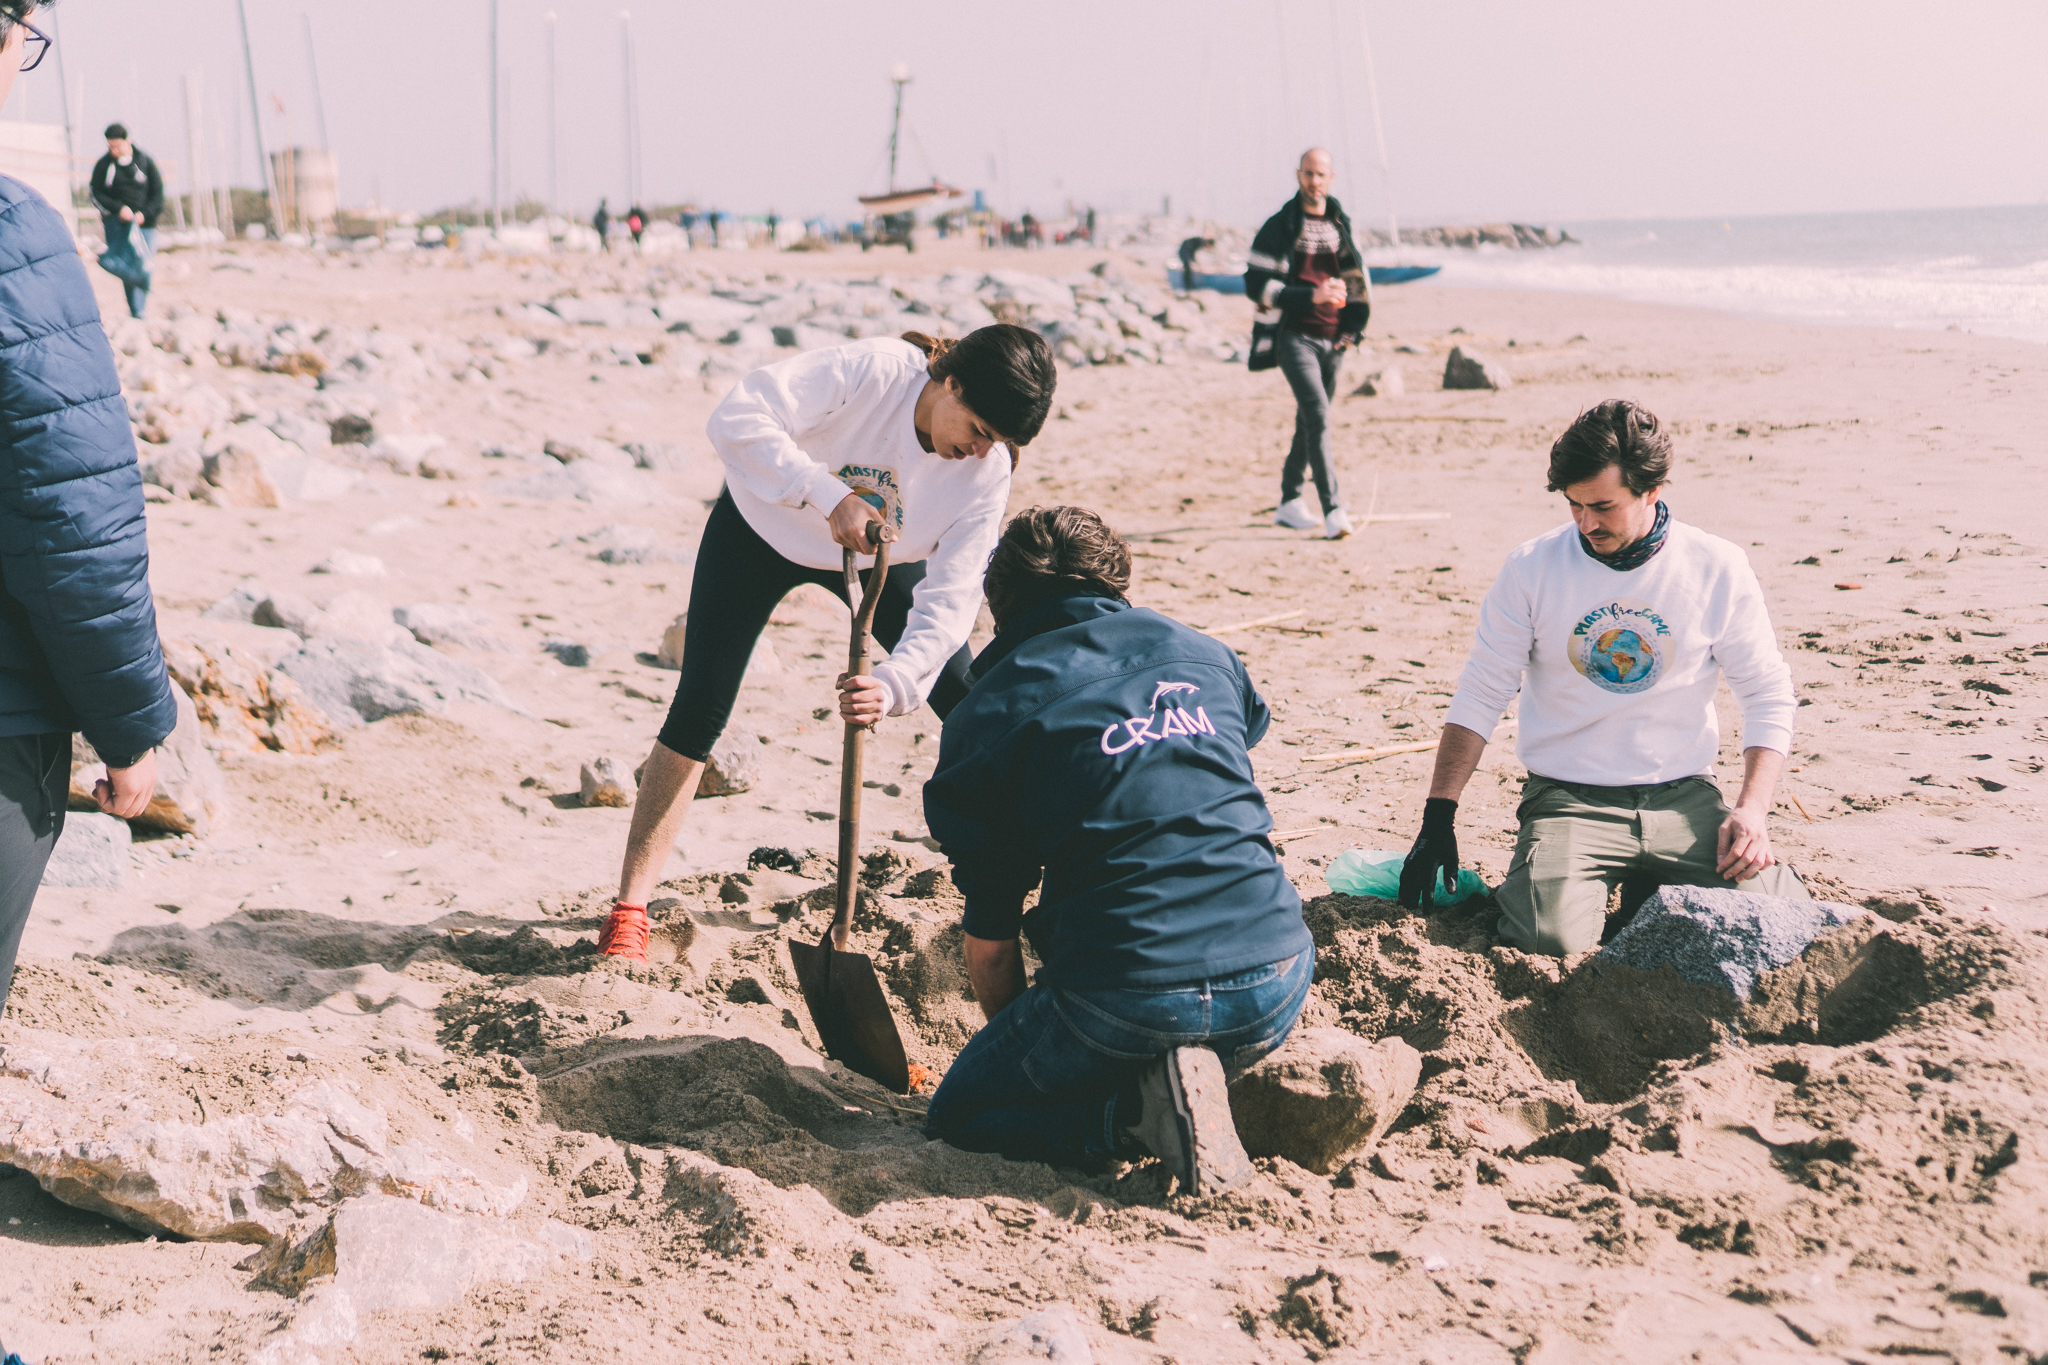 Limpieza de playa El Prat de Llobregat